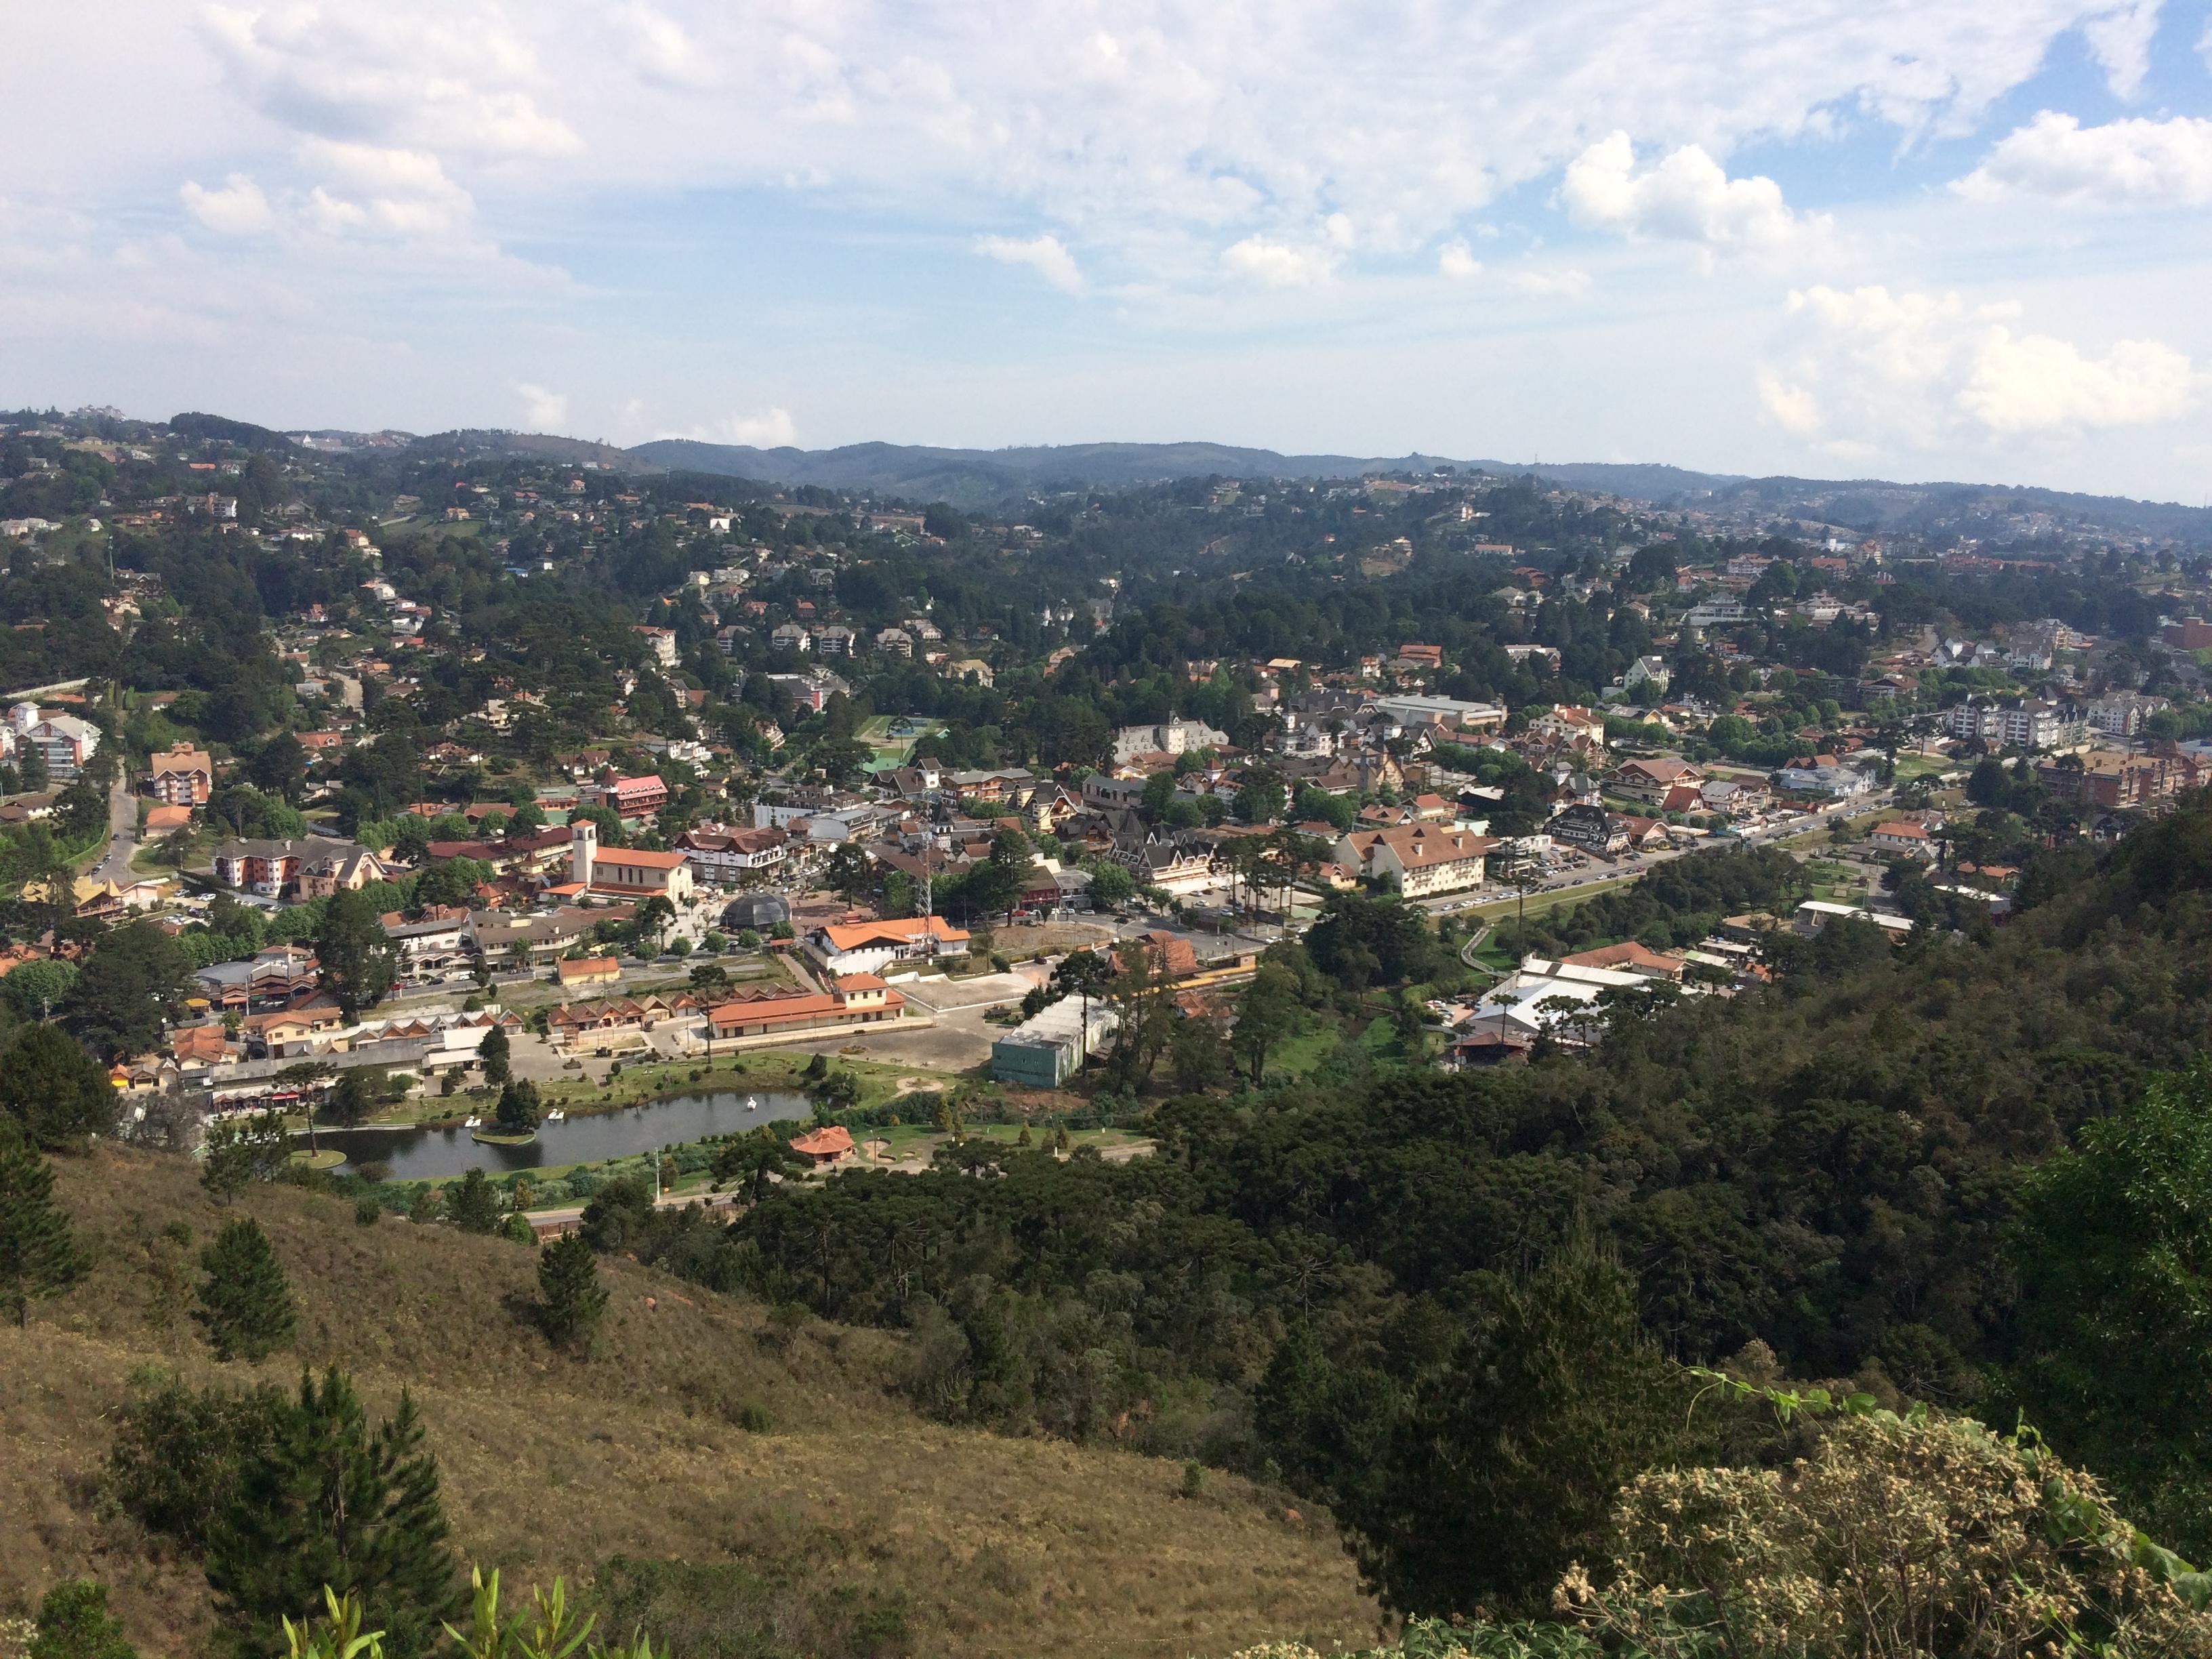 Vista do Morro do Elefante